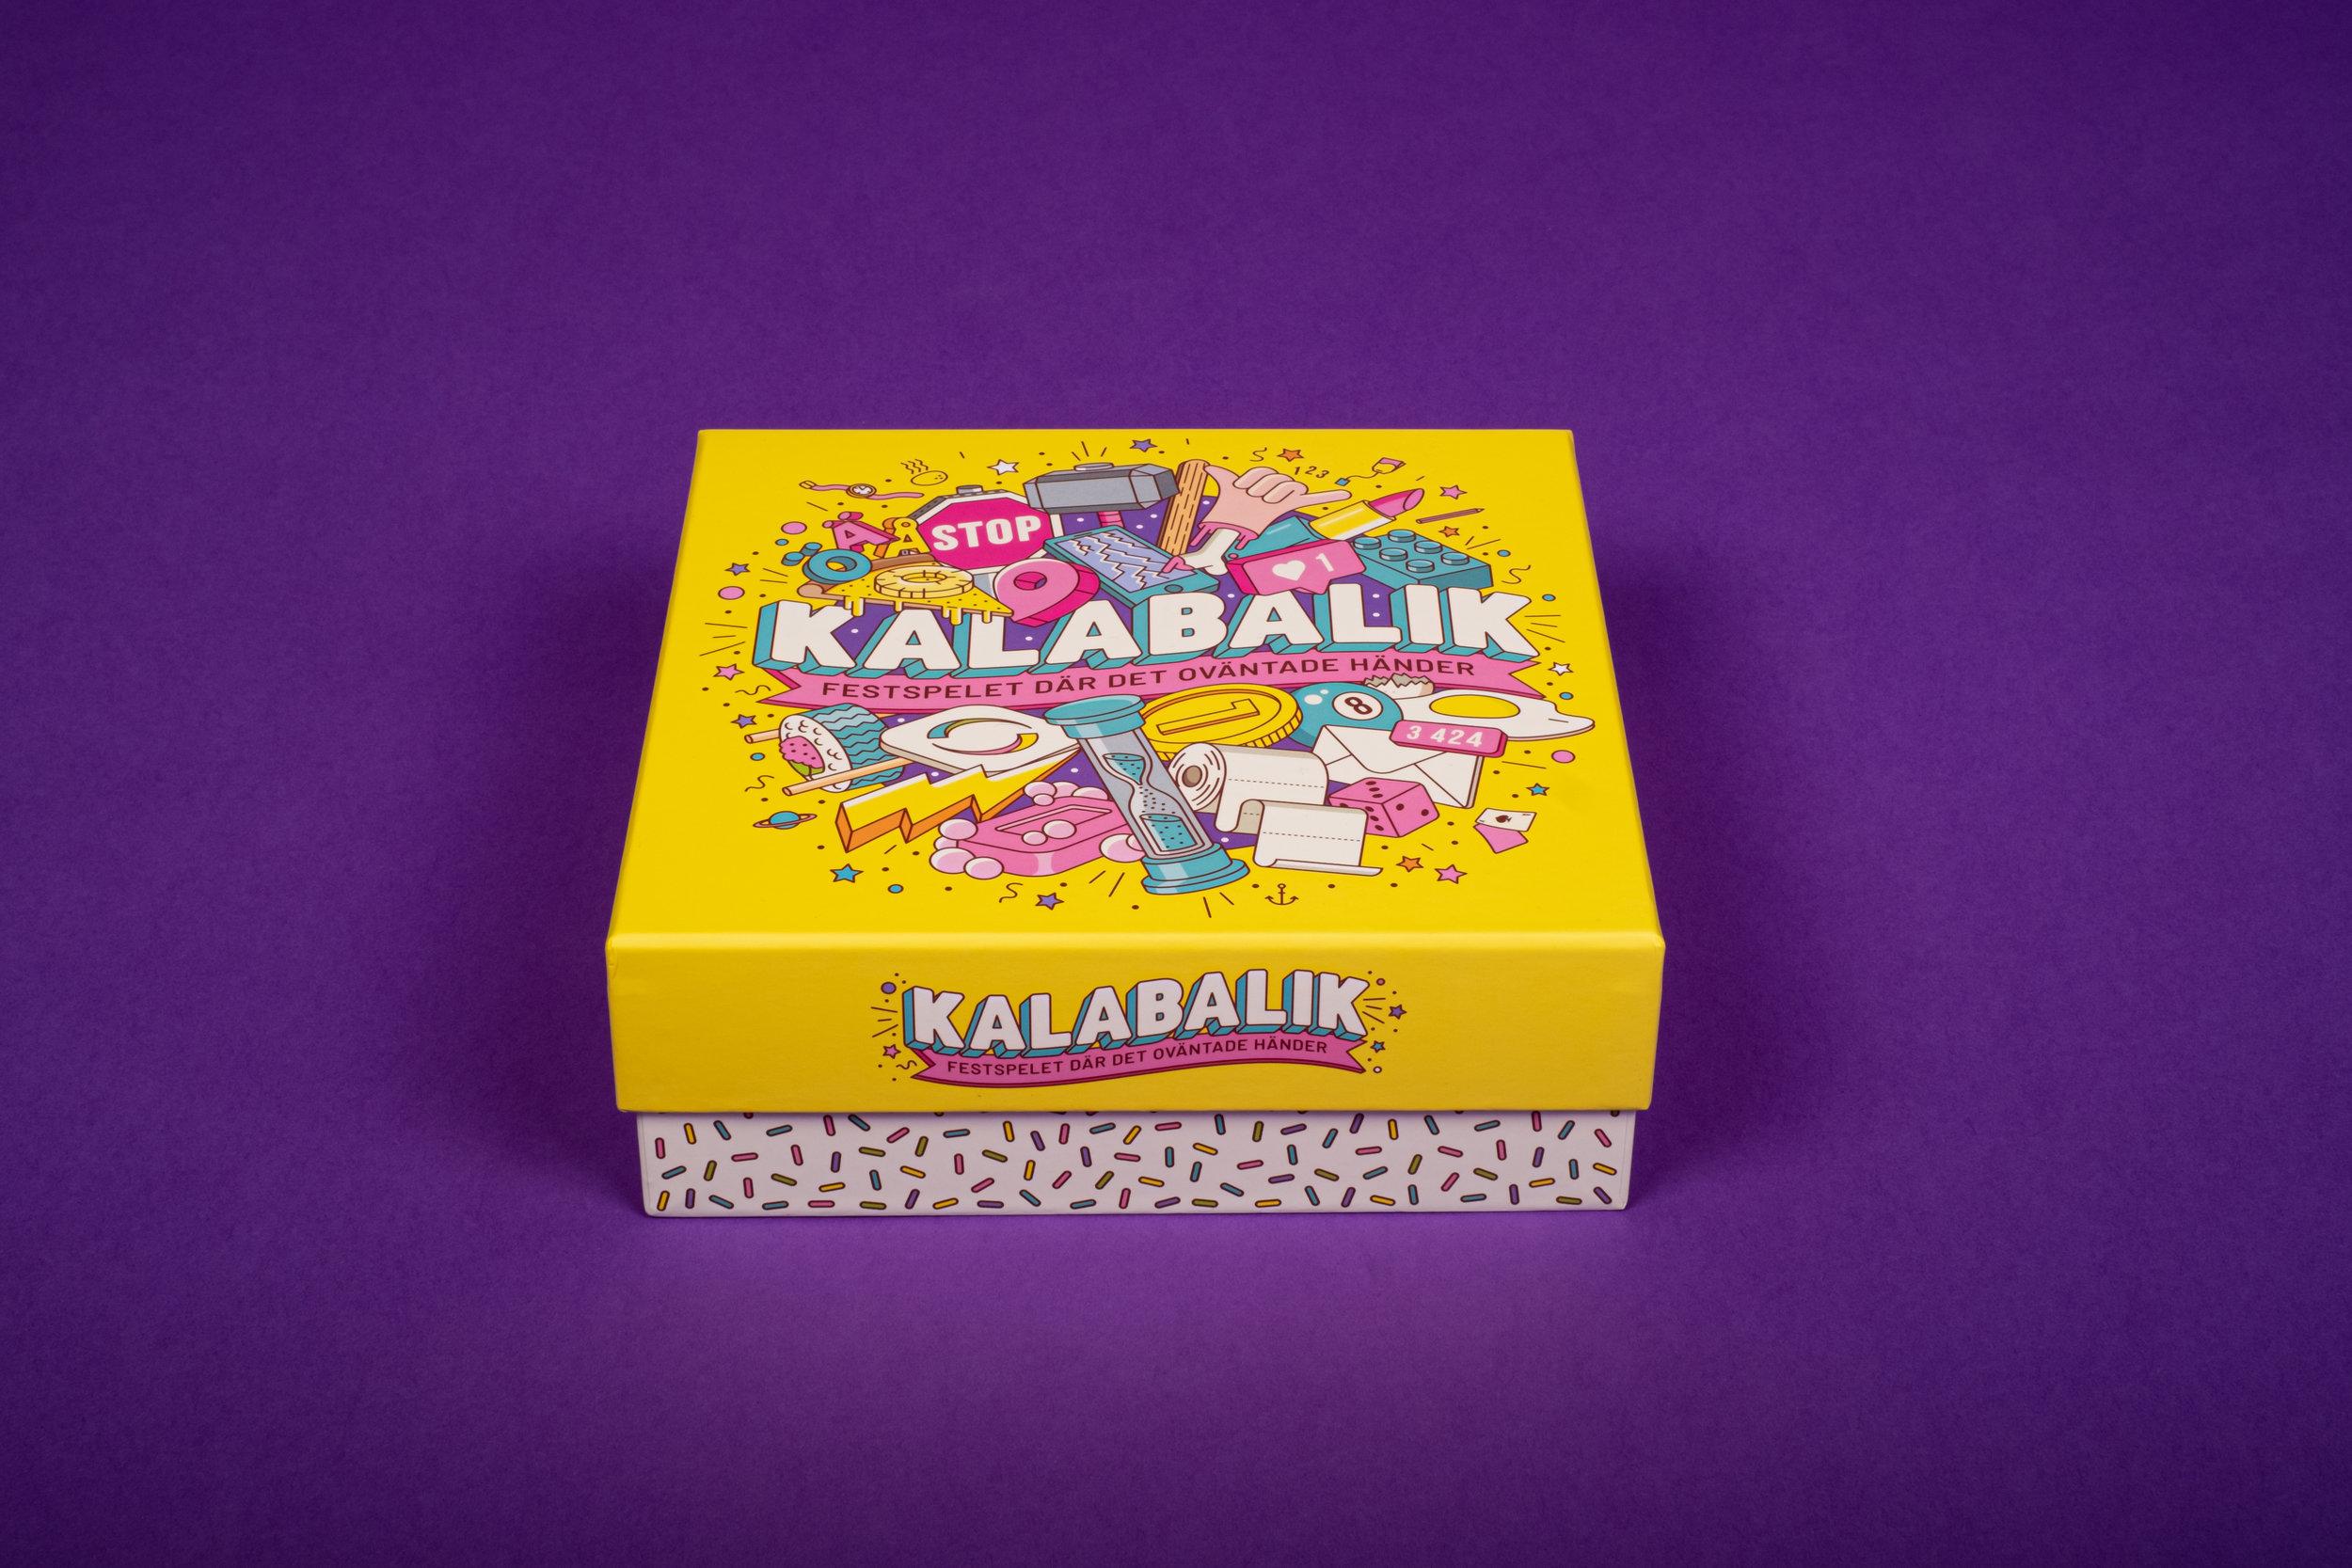 KALABALIK_HighRes-5726.jpg